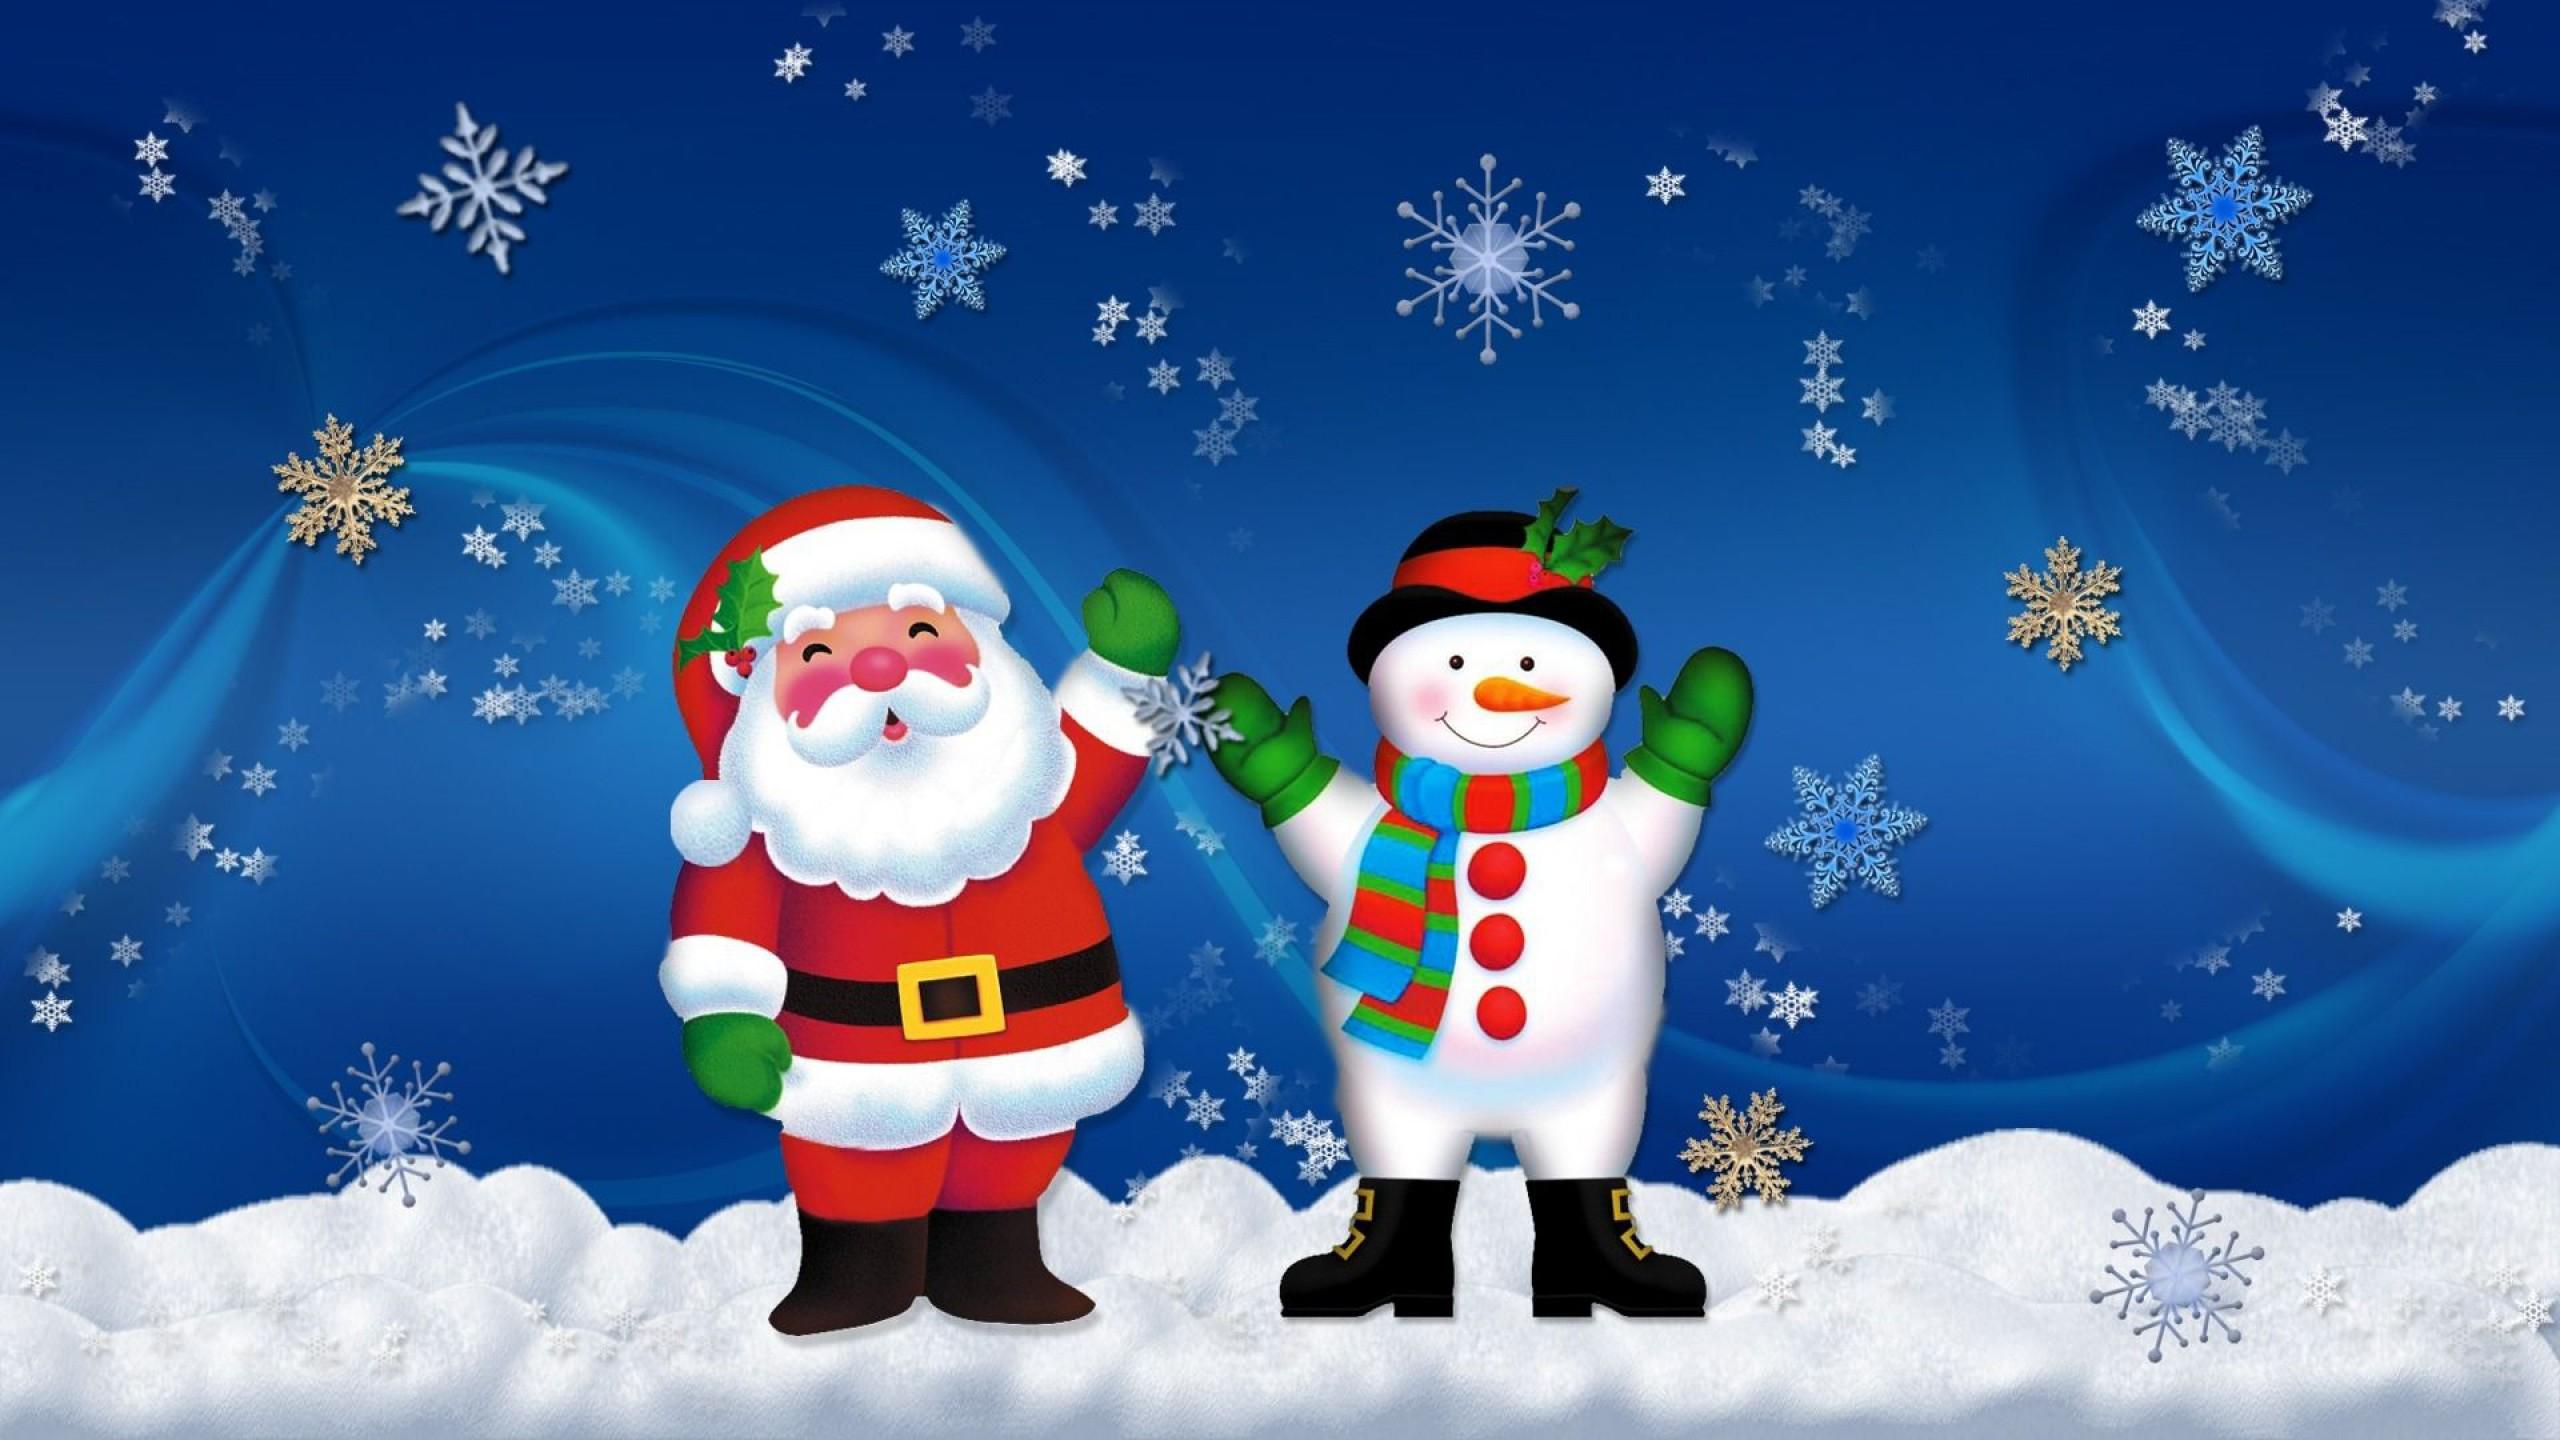 Holiday - Christmas  Snowman Santa Snowflake Wallpaper